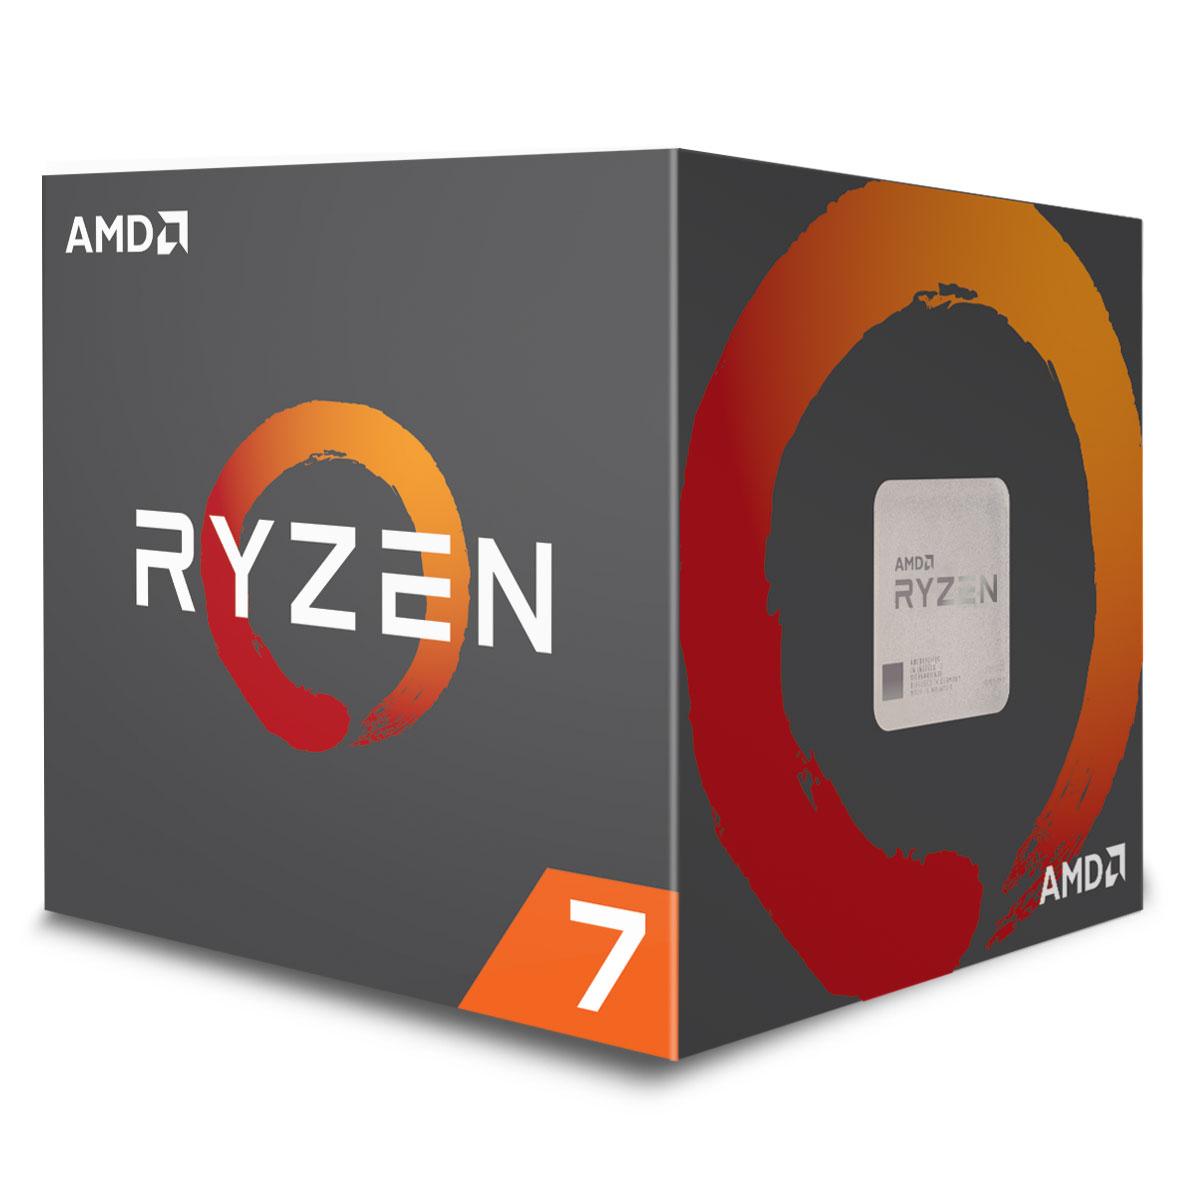 Processeur AMD Ryzen 7 2700 Wraith Spire LED (3.2 GHz) avec mise à jour BIOS Processeur 8-Core socket AM4 Cache L3 16 Mo 0.012 micron TDP 65W avec système de refroidissement (version boîte - garantie constructeur 3 ans)